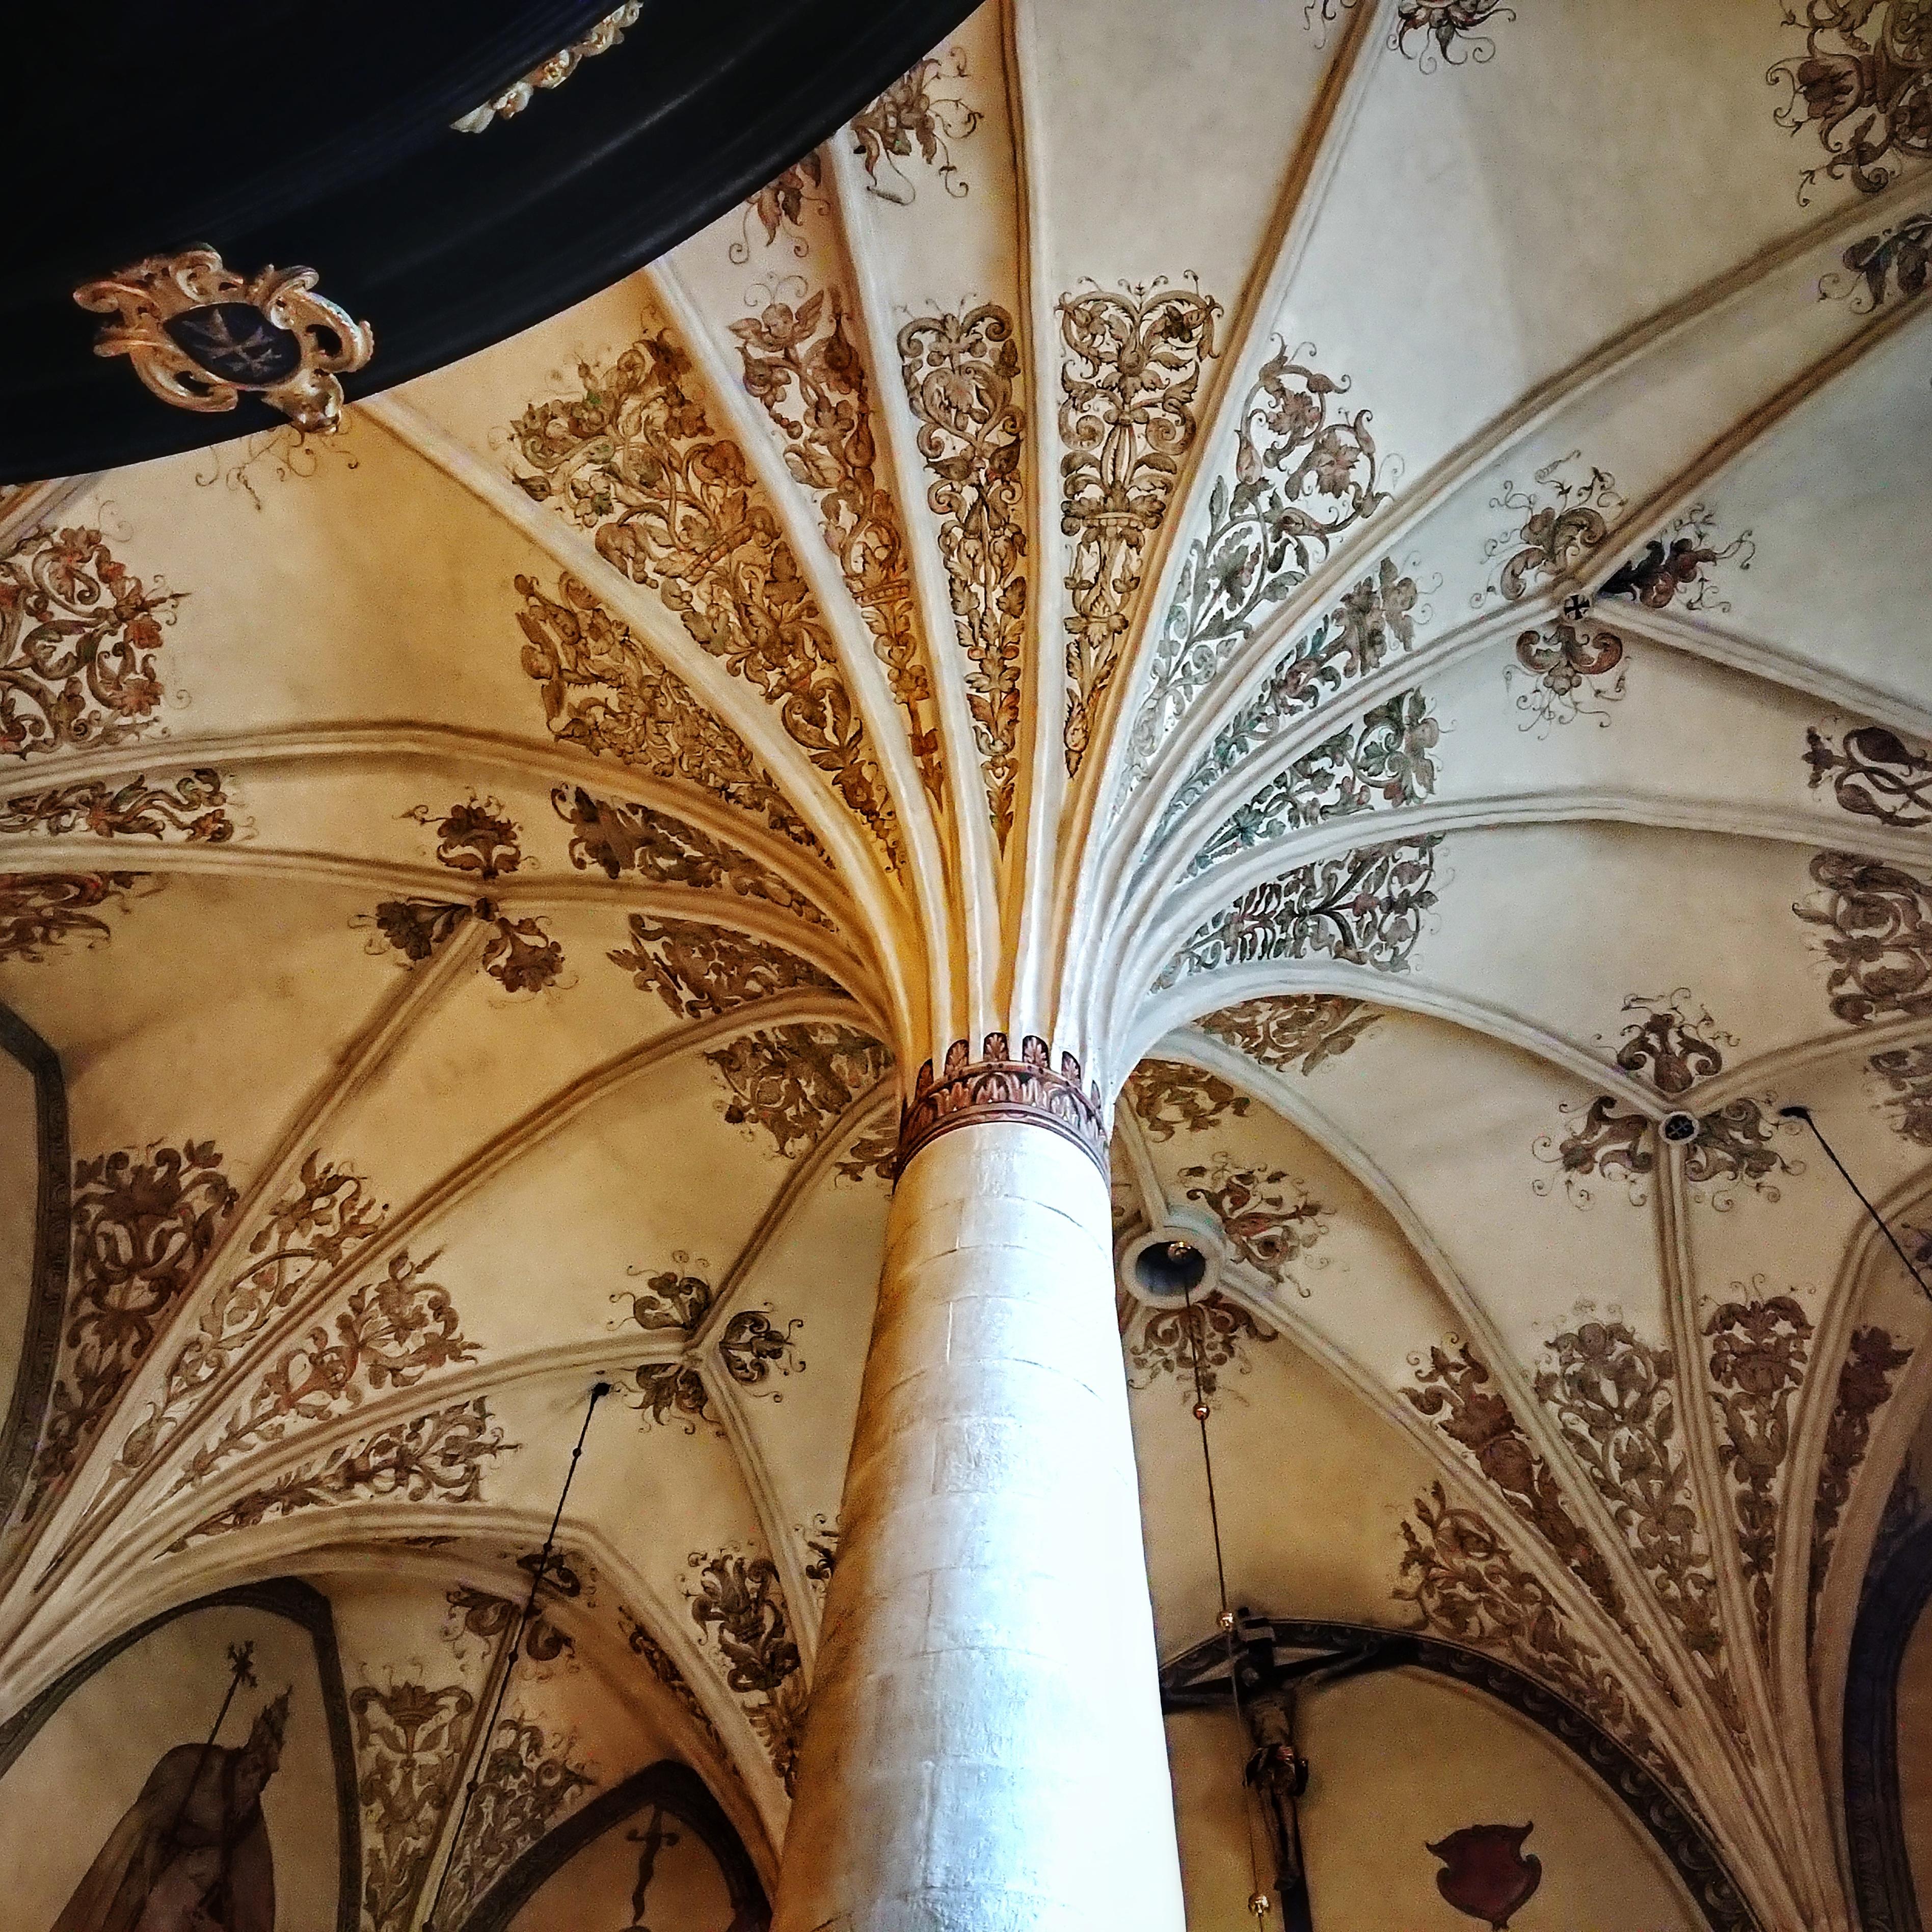 Sklepienie palmowe w krakowskim kościele Św. Krzyża, źródło: archiwum autorki